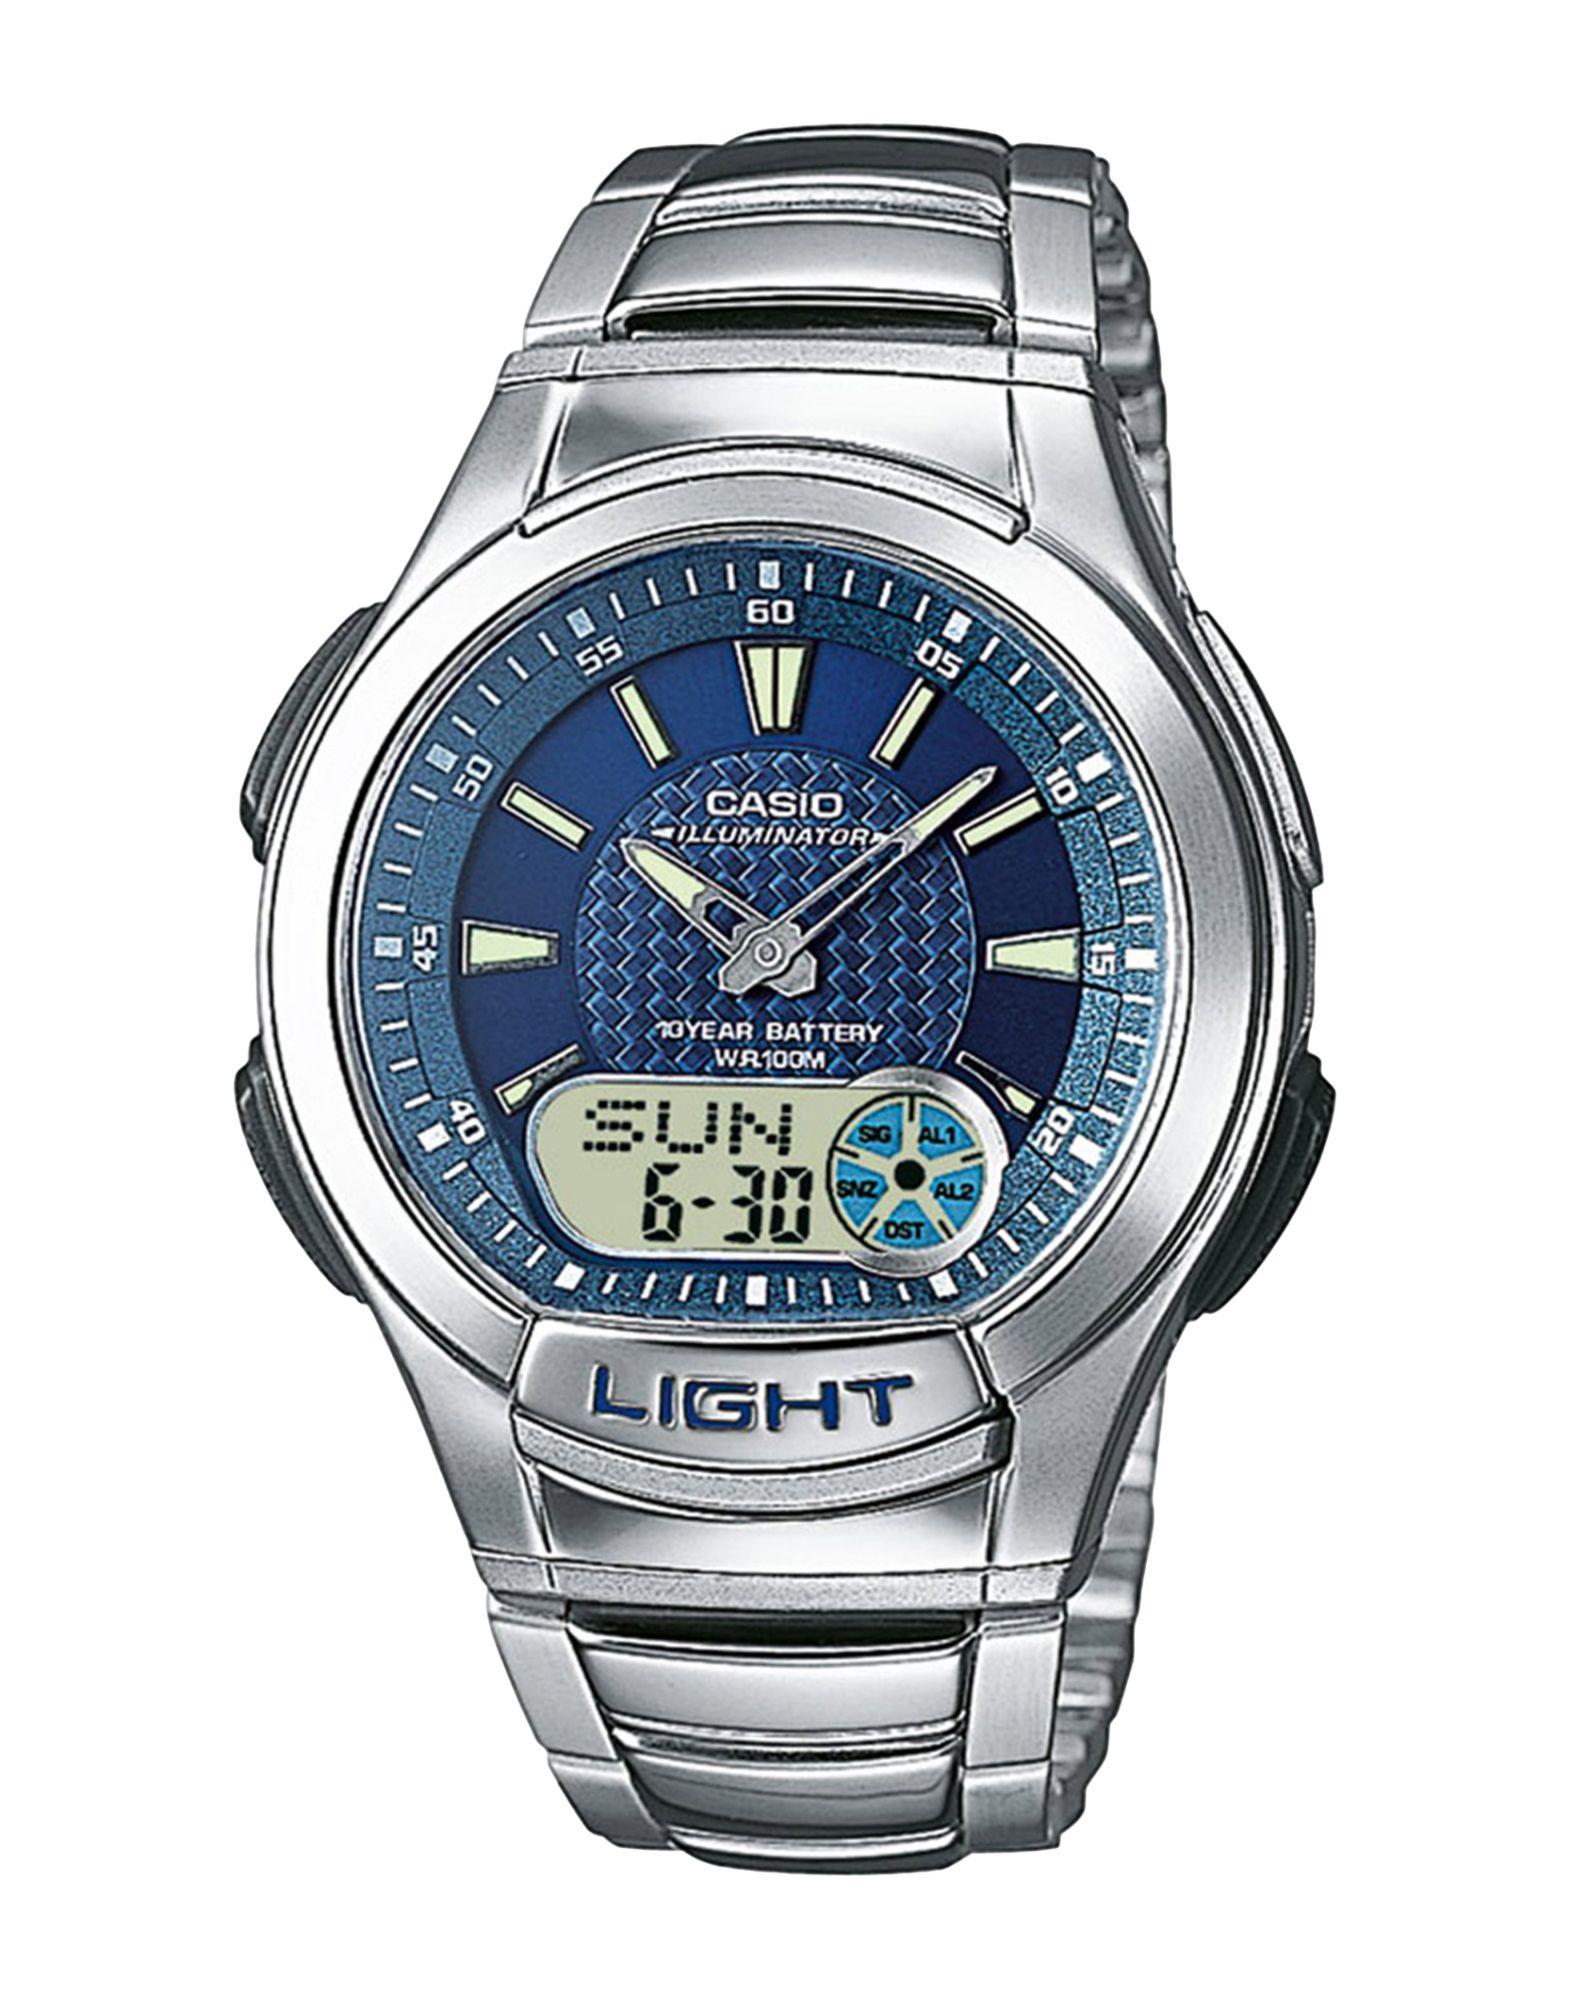 CASIO Wrist watches